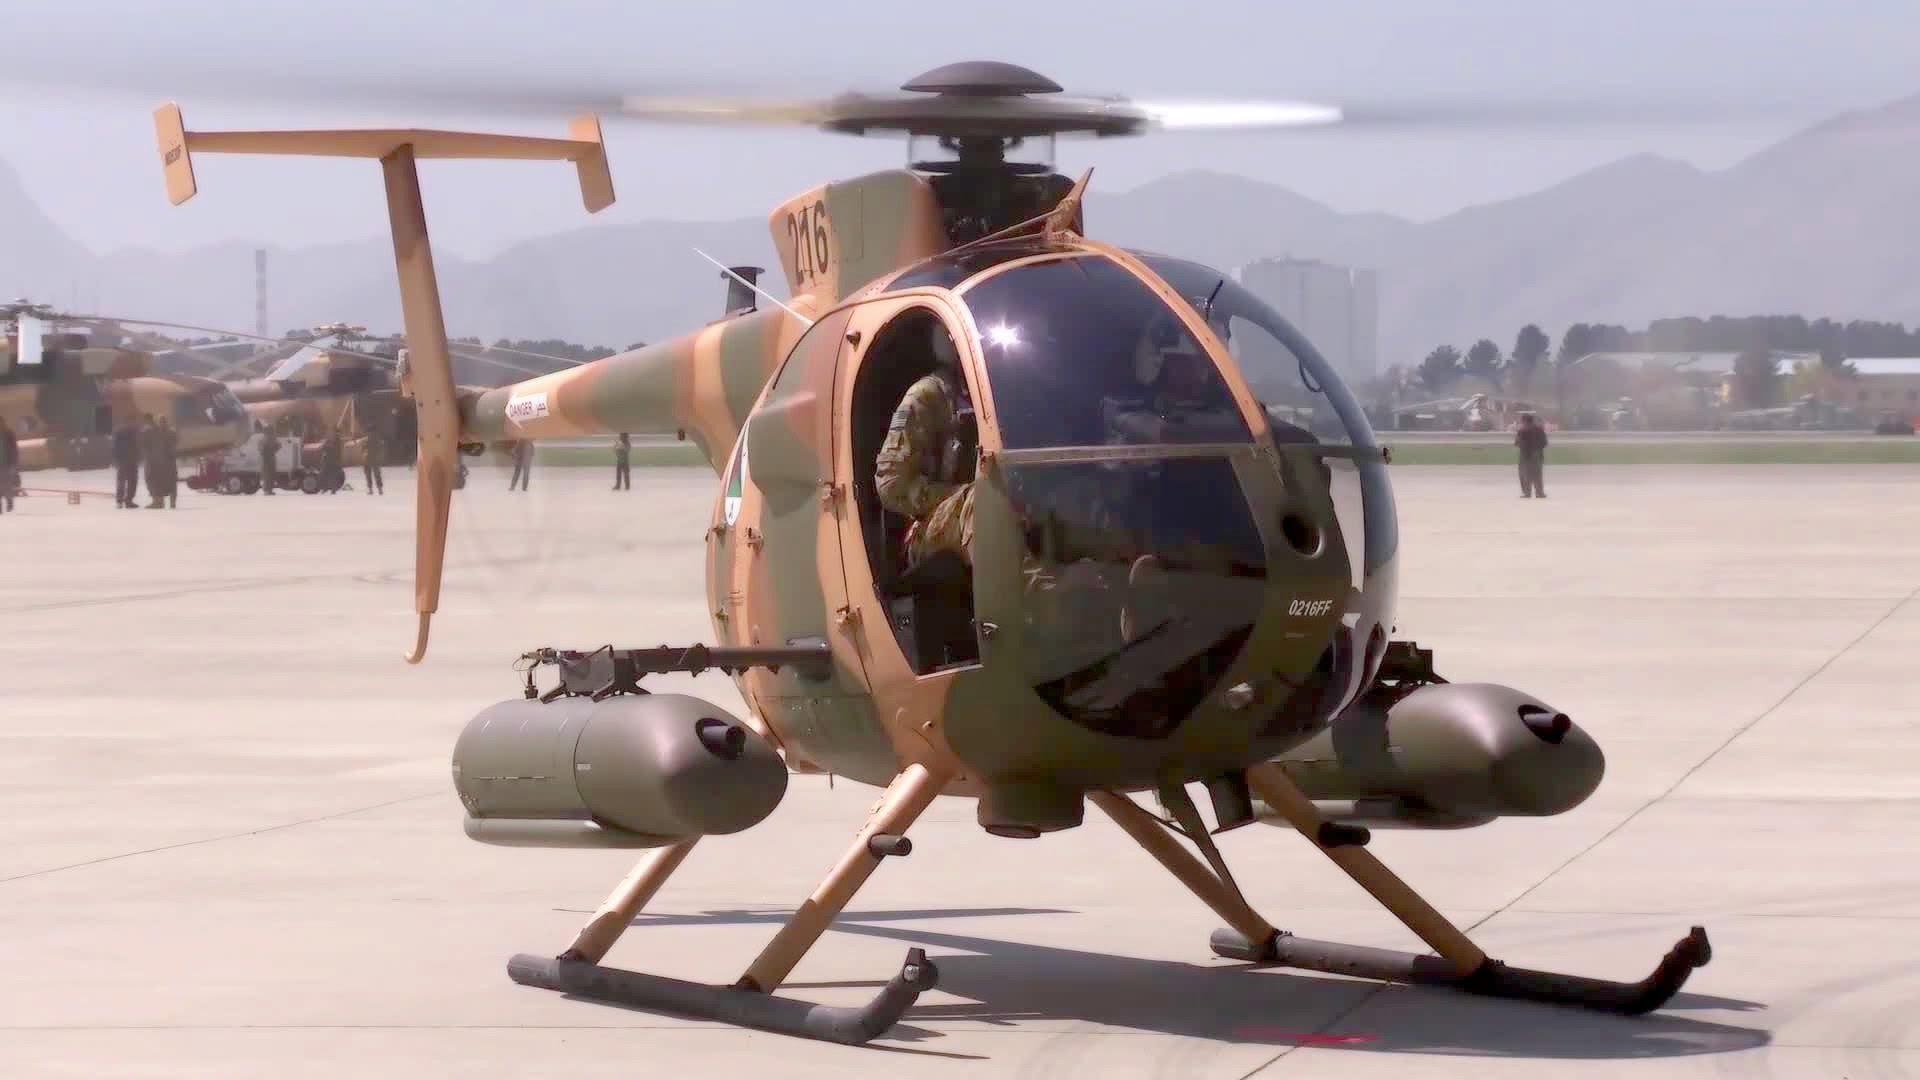 ما برای آموزش پیلوتها پوهنتون هوایی داریم/ ۷۰ درصد نیروهای هوایی کشور تجهیز شدهاند